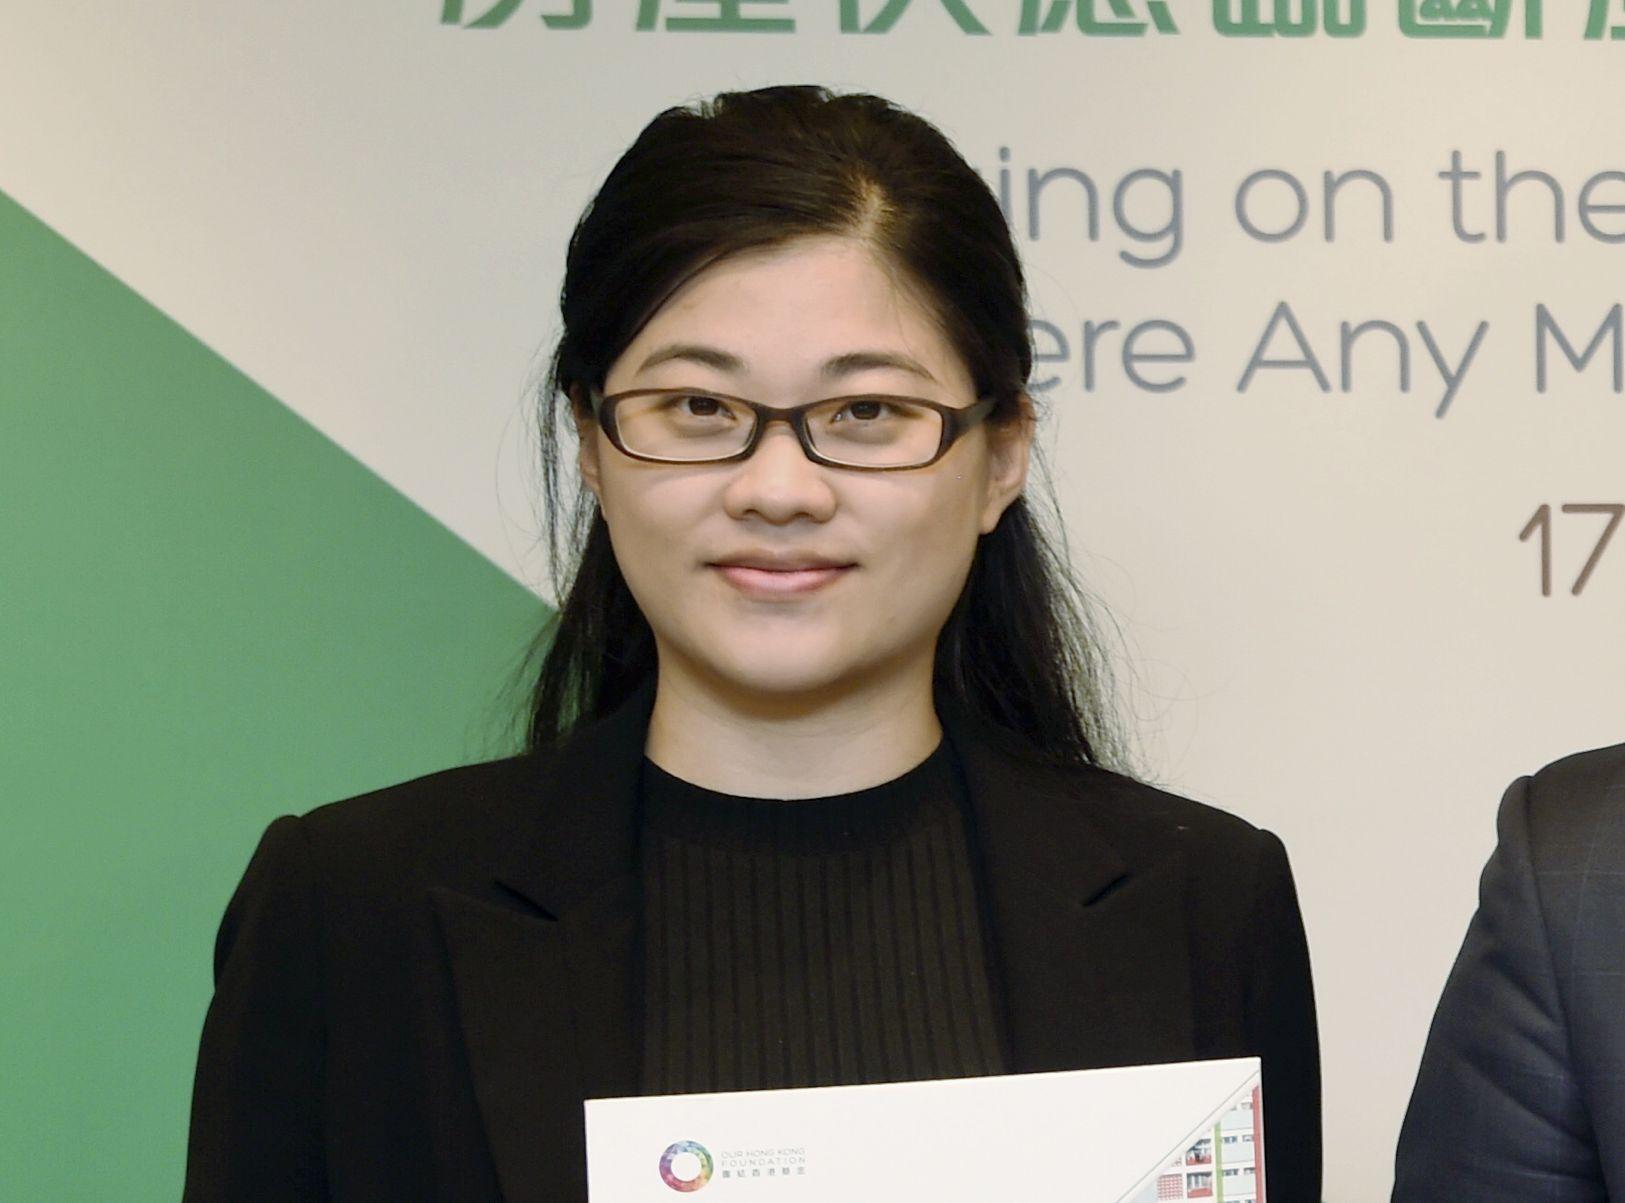 團結香港基金研究員潘灝儀。資料圖片